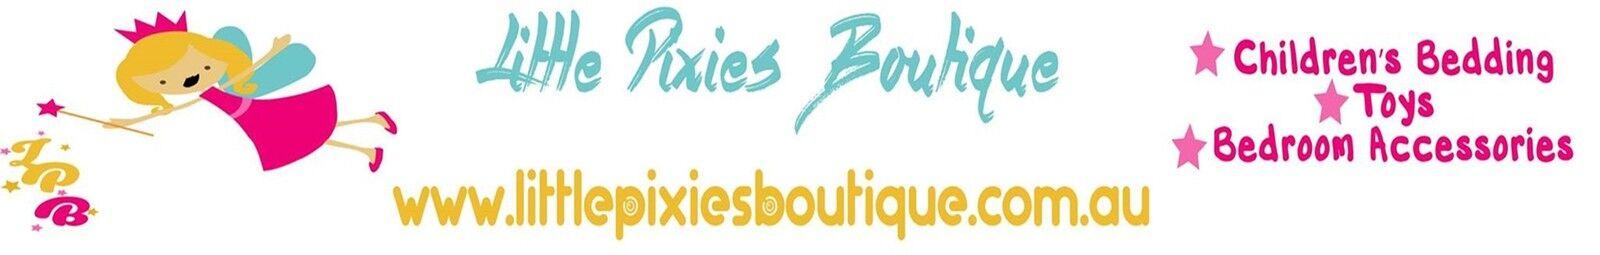 Little Pixies Boutique